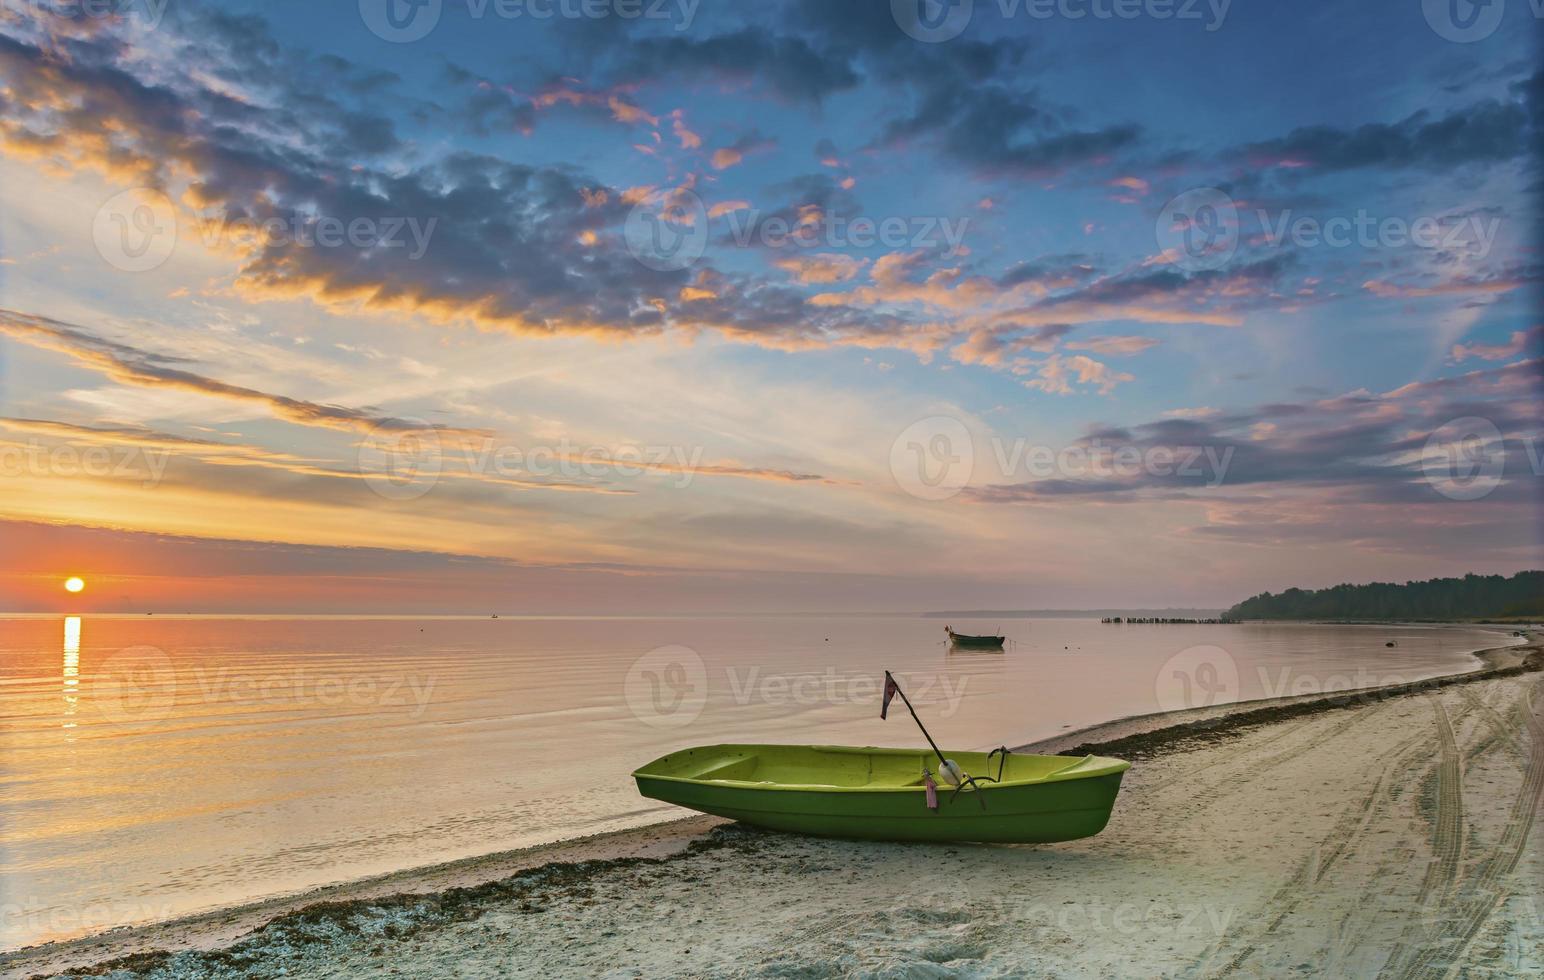 ochtendzicht op vissersboot op de Oostzee, foto